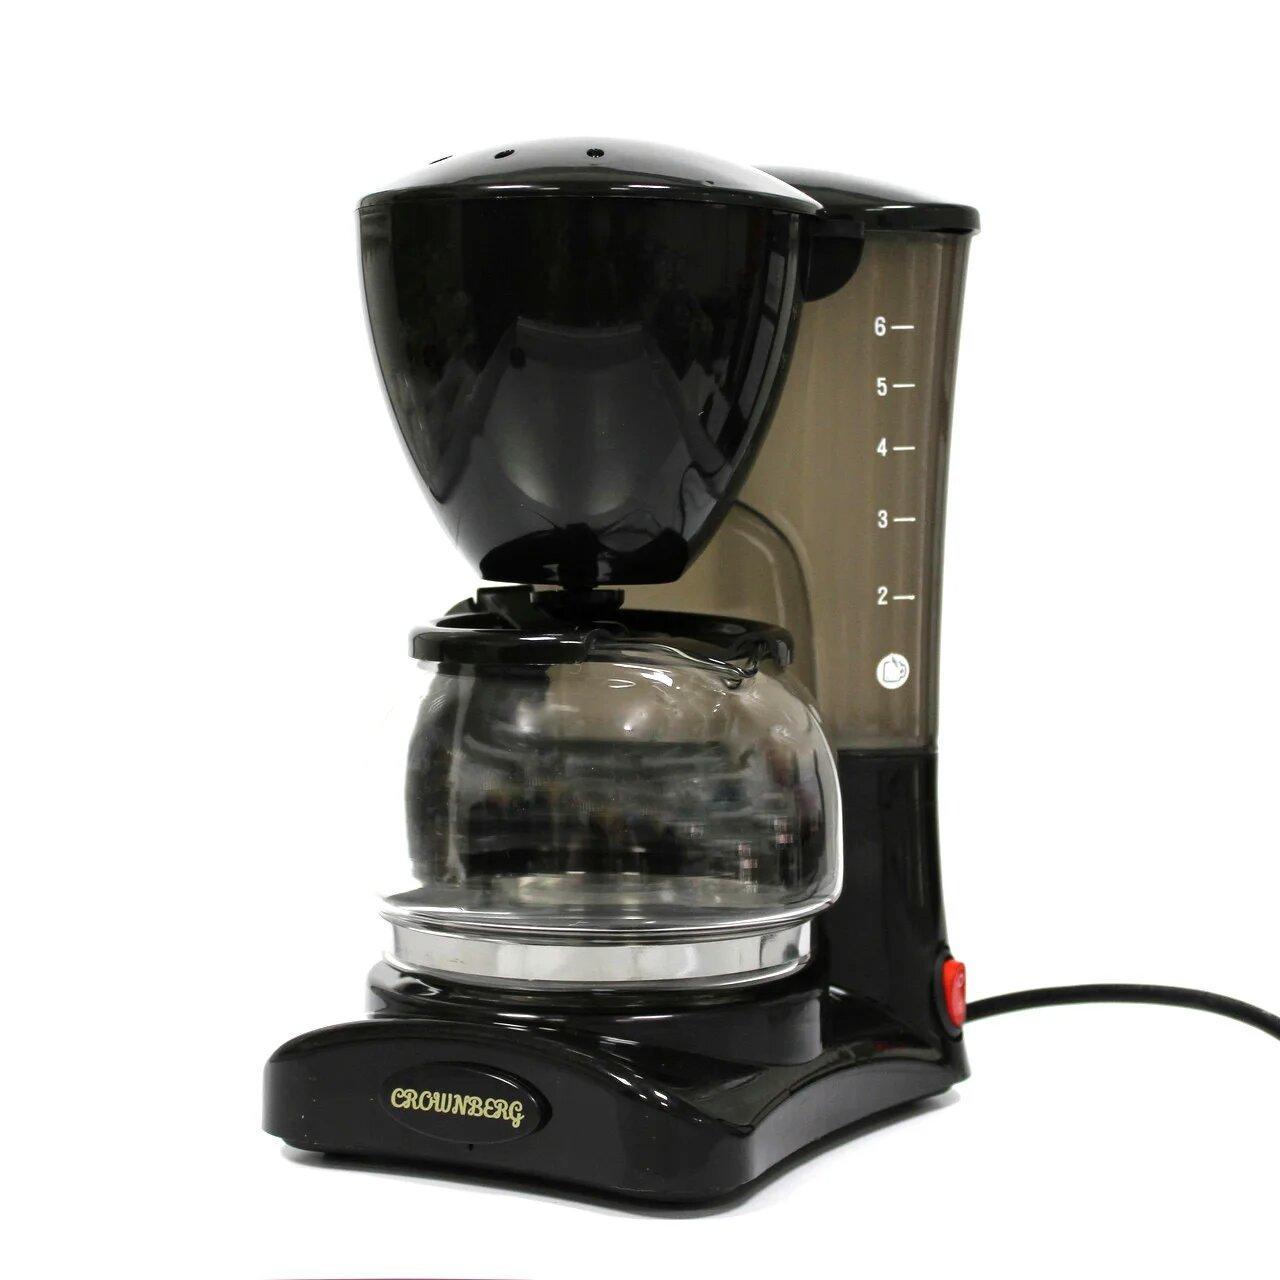 Кофеварка Crownberg Cb-1563 Чёрная 800 Вт Капельная Кофеварка Со Стеклянной Колбой